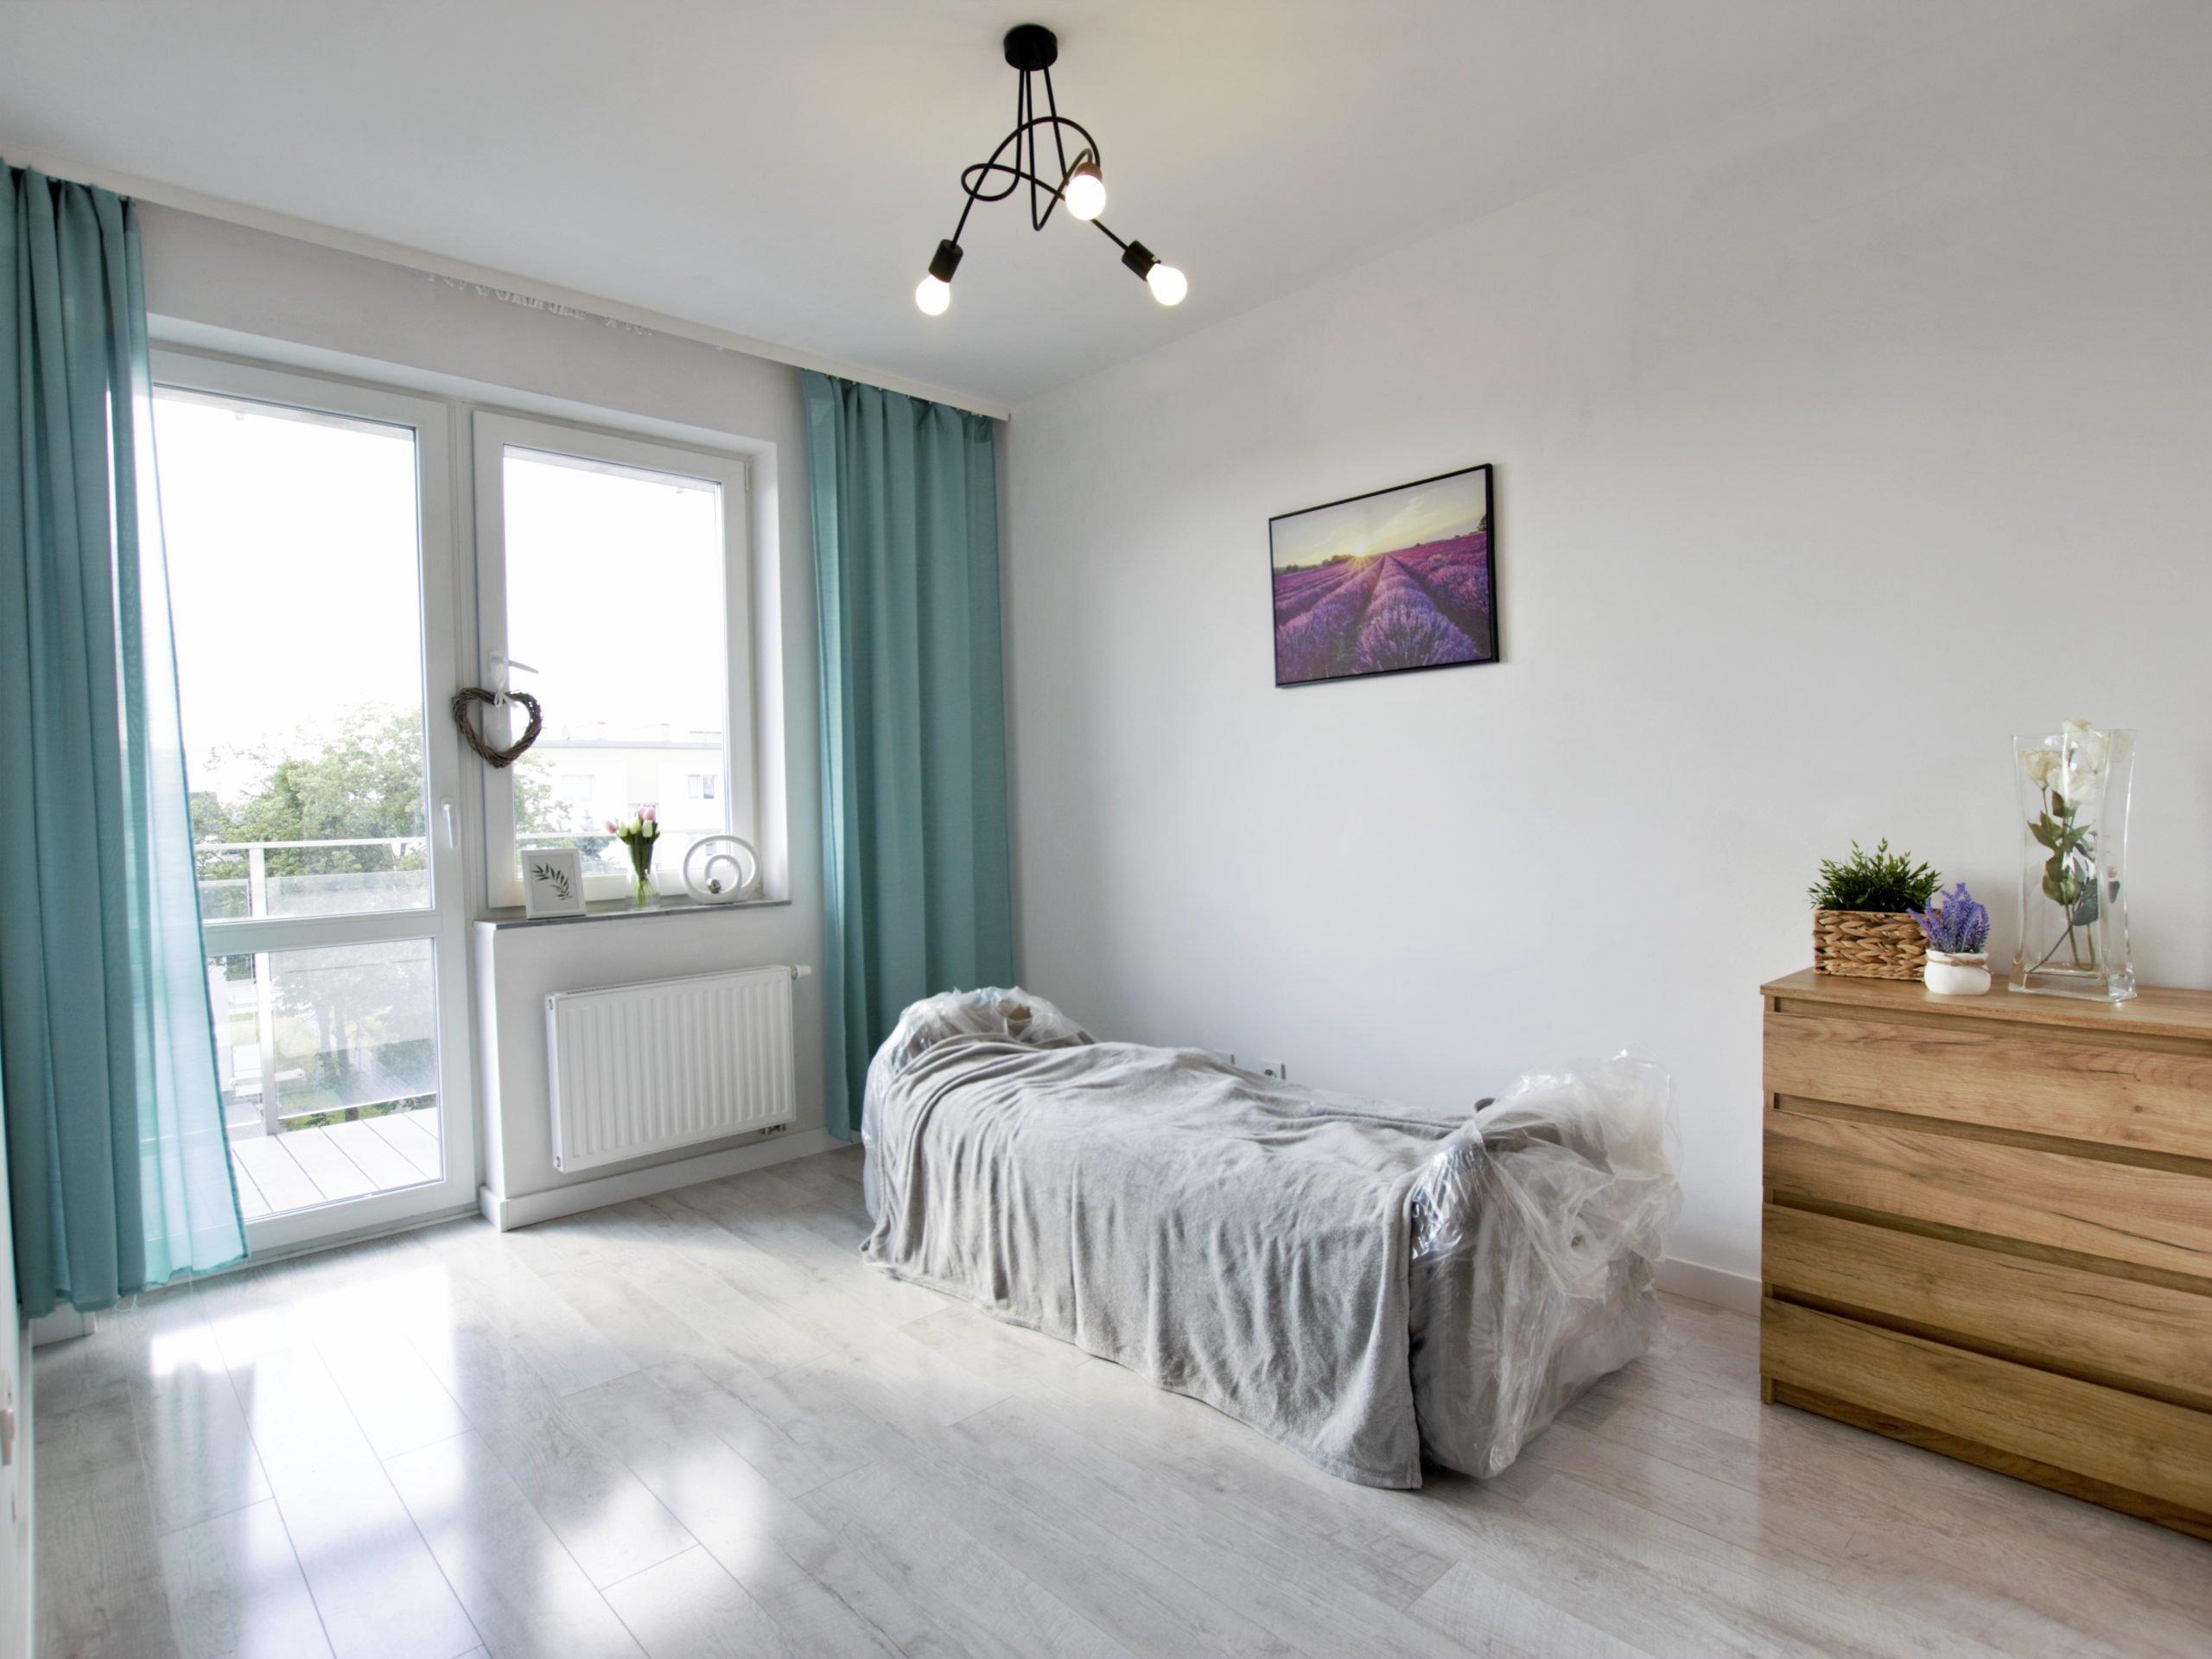 Nowe 2-pokojowe mieszkanie 31,29 m2, Poznań